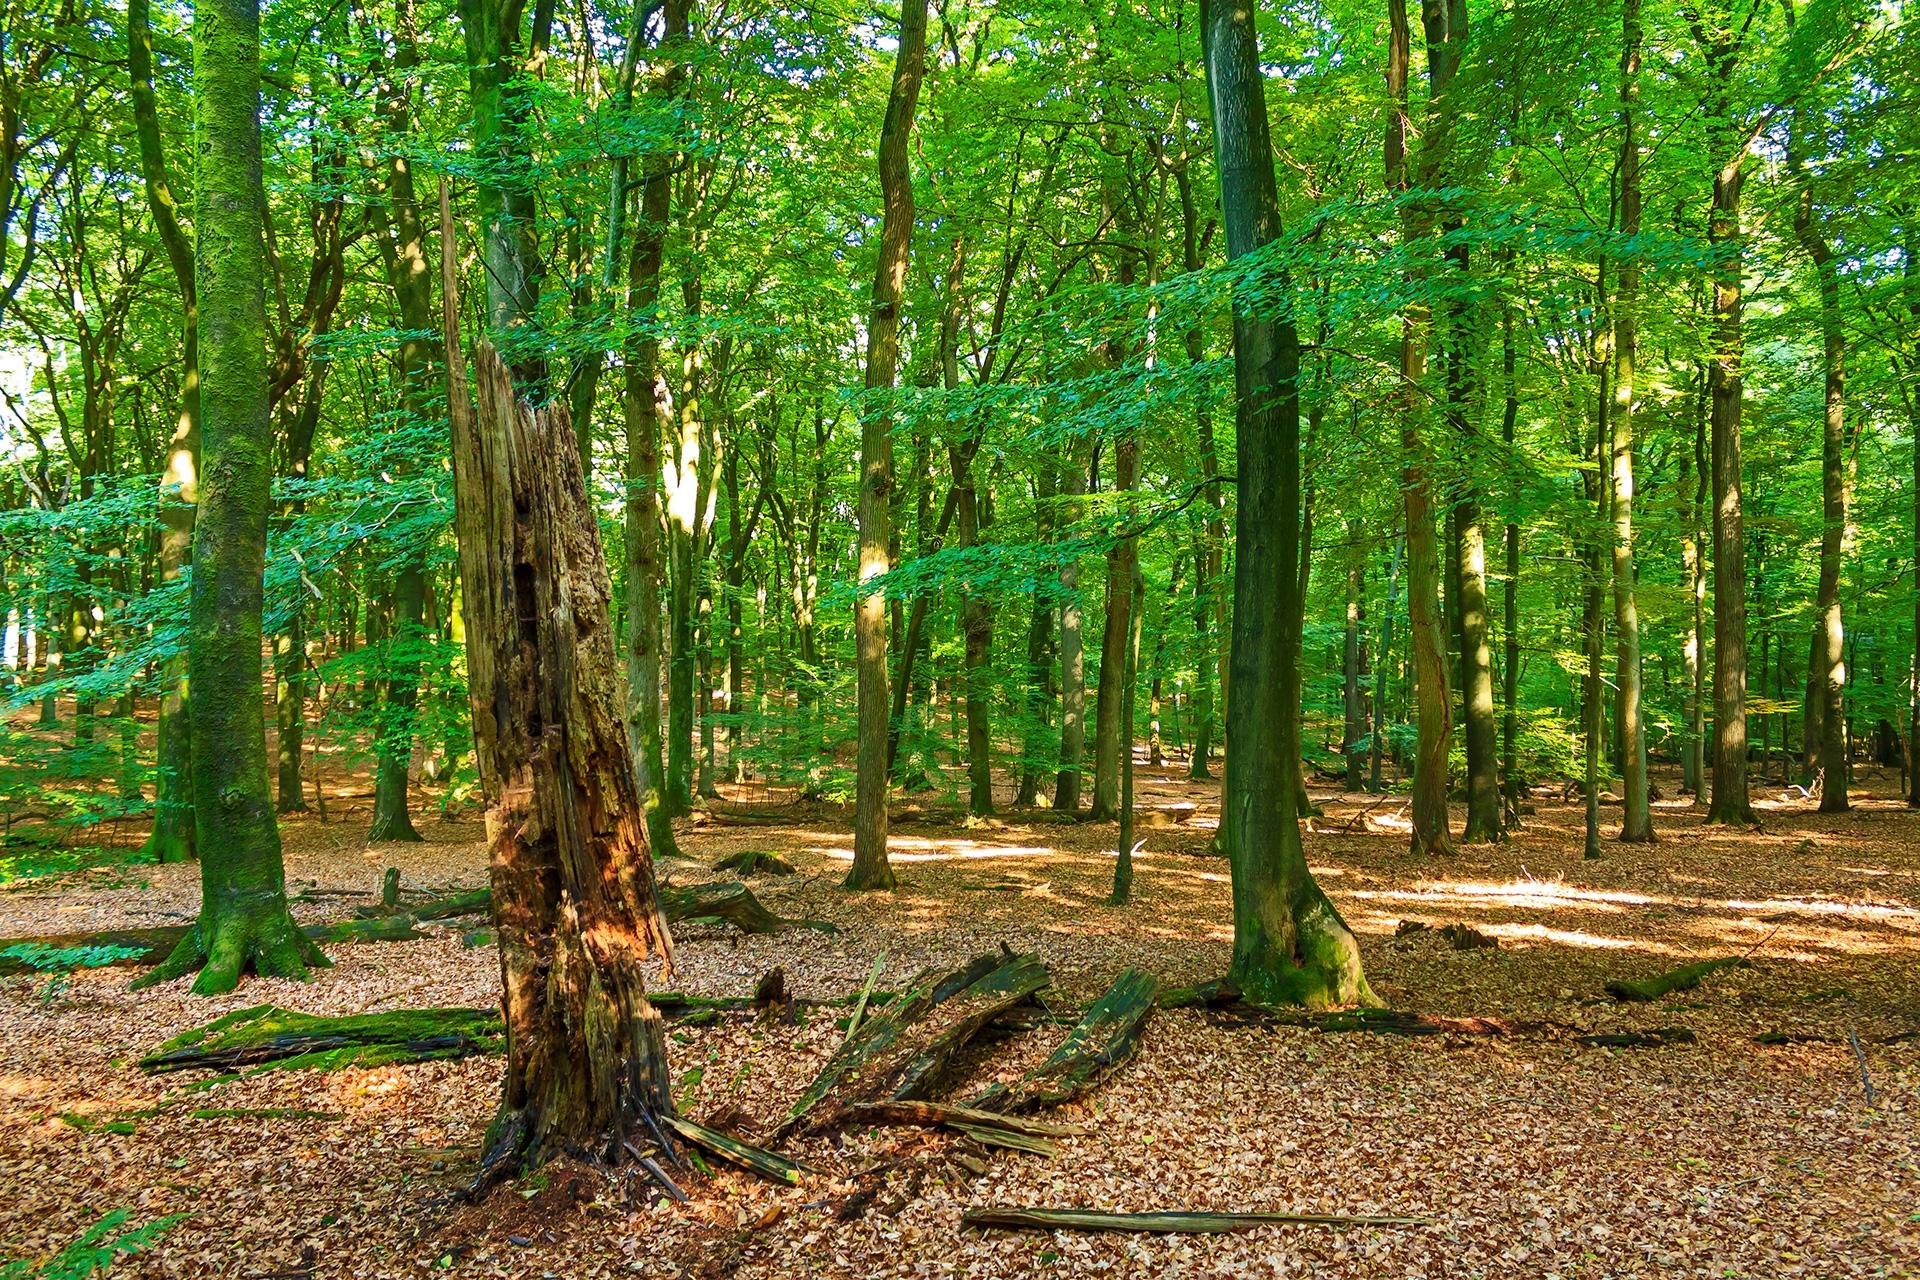 unnatürlich leerer Waldboden ohne Verjüngung